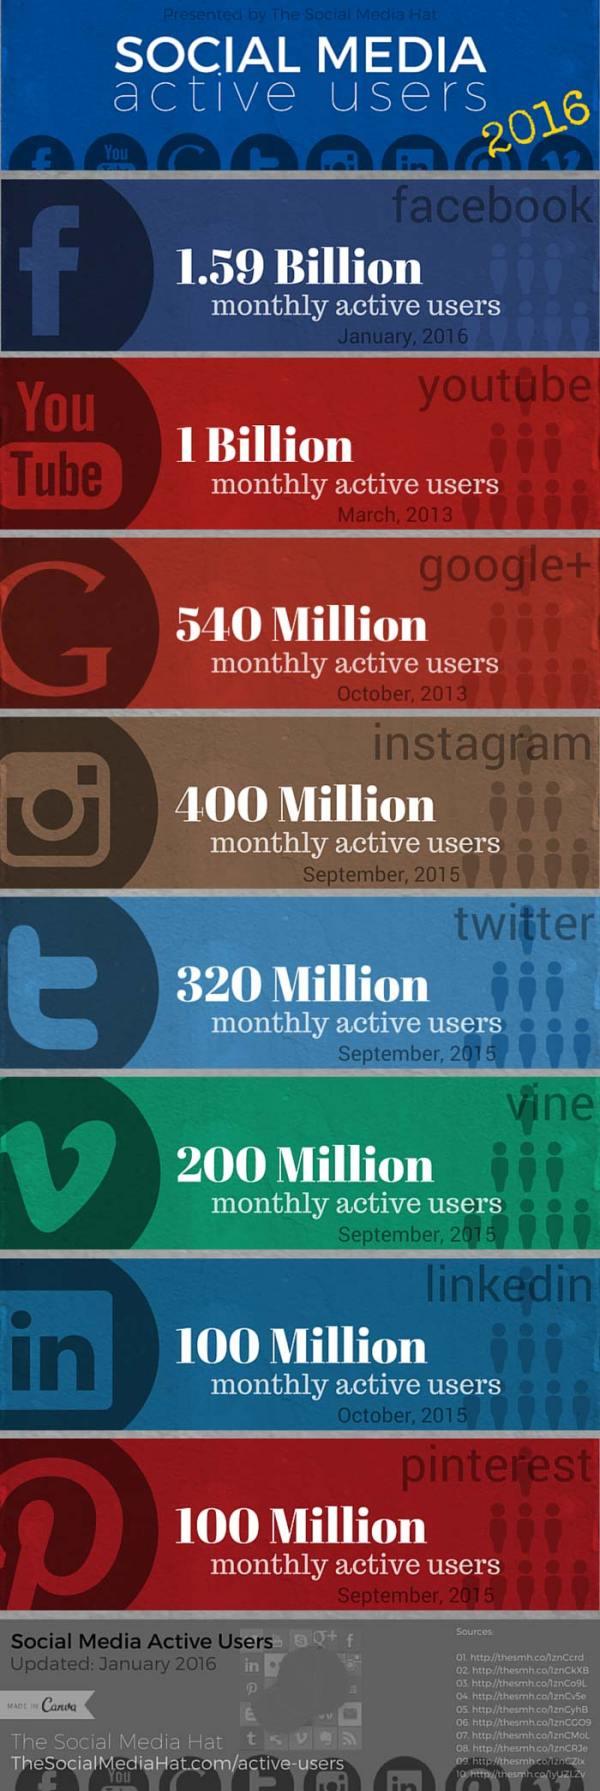 Aktivni korisnici društvenih mreža - infografika